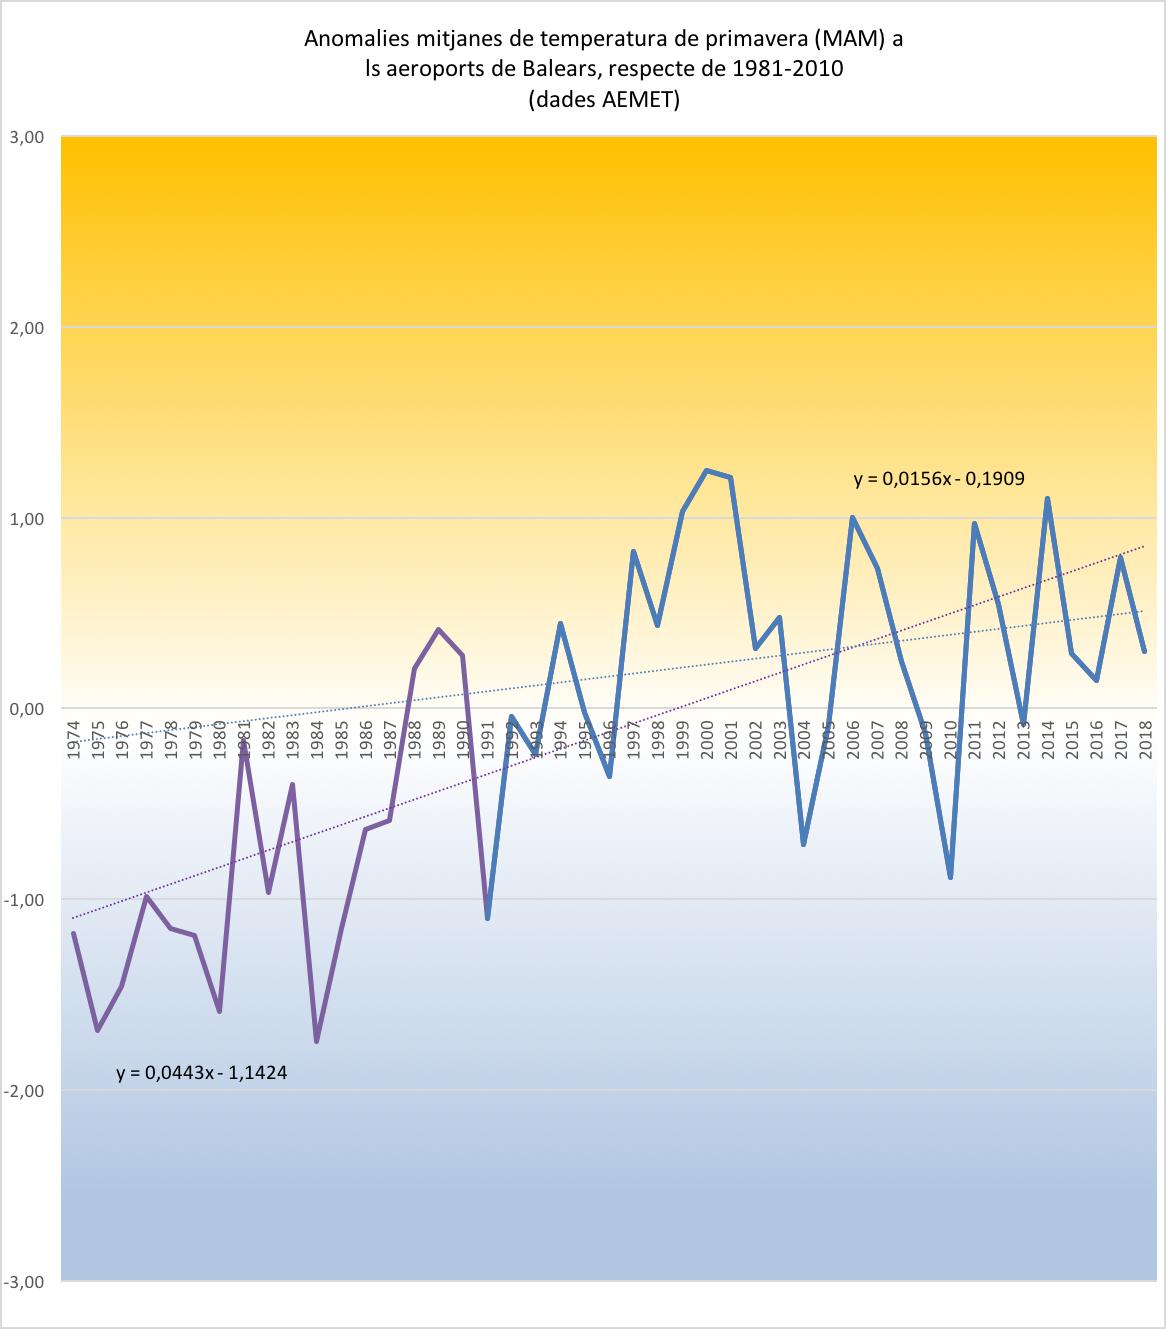 Figura 4. Comportament de les temperatures mitjanes primaverals (MAM) al conjunt dels tres aeroports de les Balears, entre 1973 i 2018. 2018, ha estat un poc càlid respecte de la referència climatològica històrica (1981-2010), però fred respecte del fort escalfament primaveral observat a les Balears entre 1973 i 2018 (línea morada a punts). El desajust es menr si atenem a l'escalfament del darrers anys (1991-2028; línees blaves).